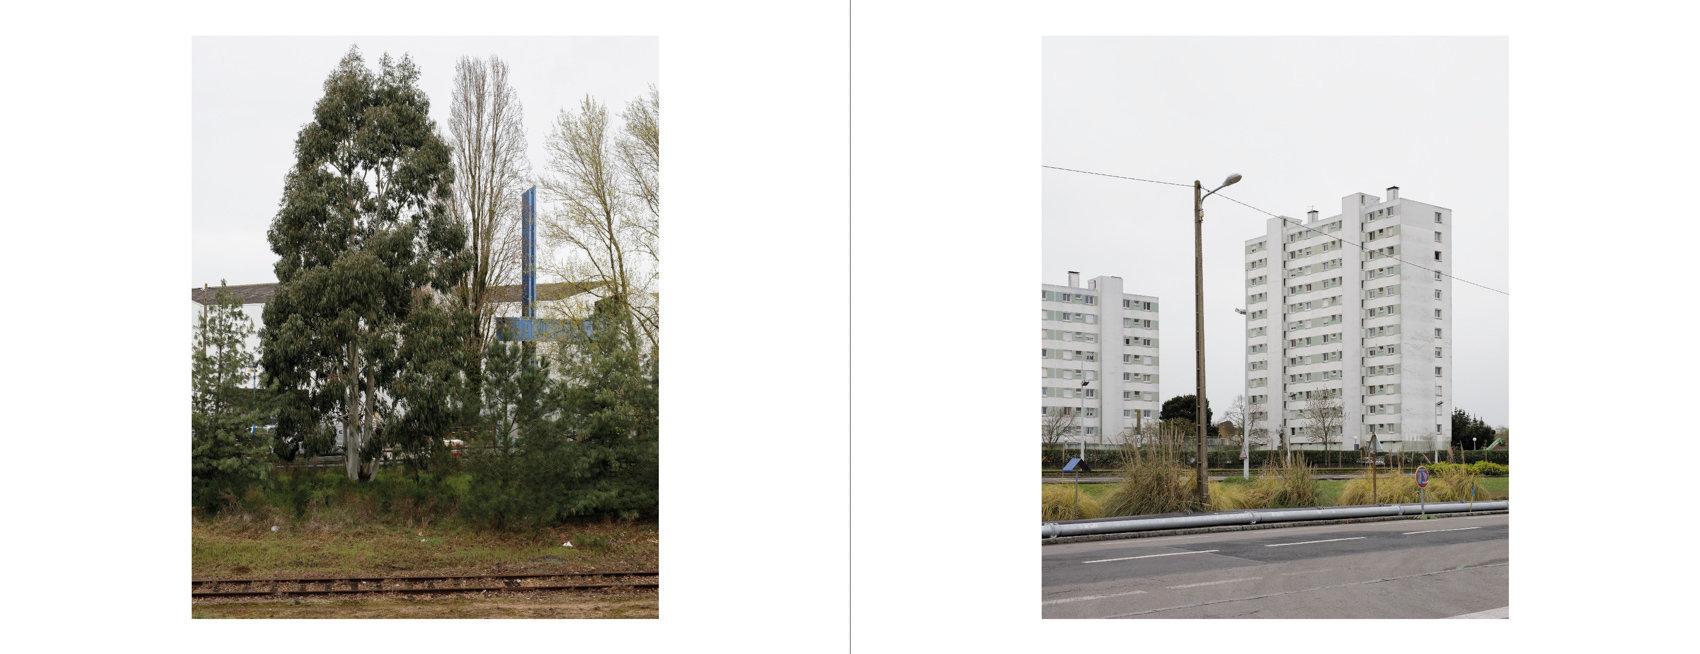 Nantes-Bouguenais-5.jpg